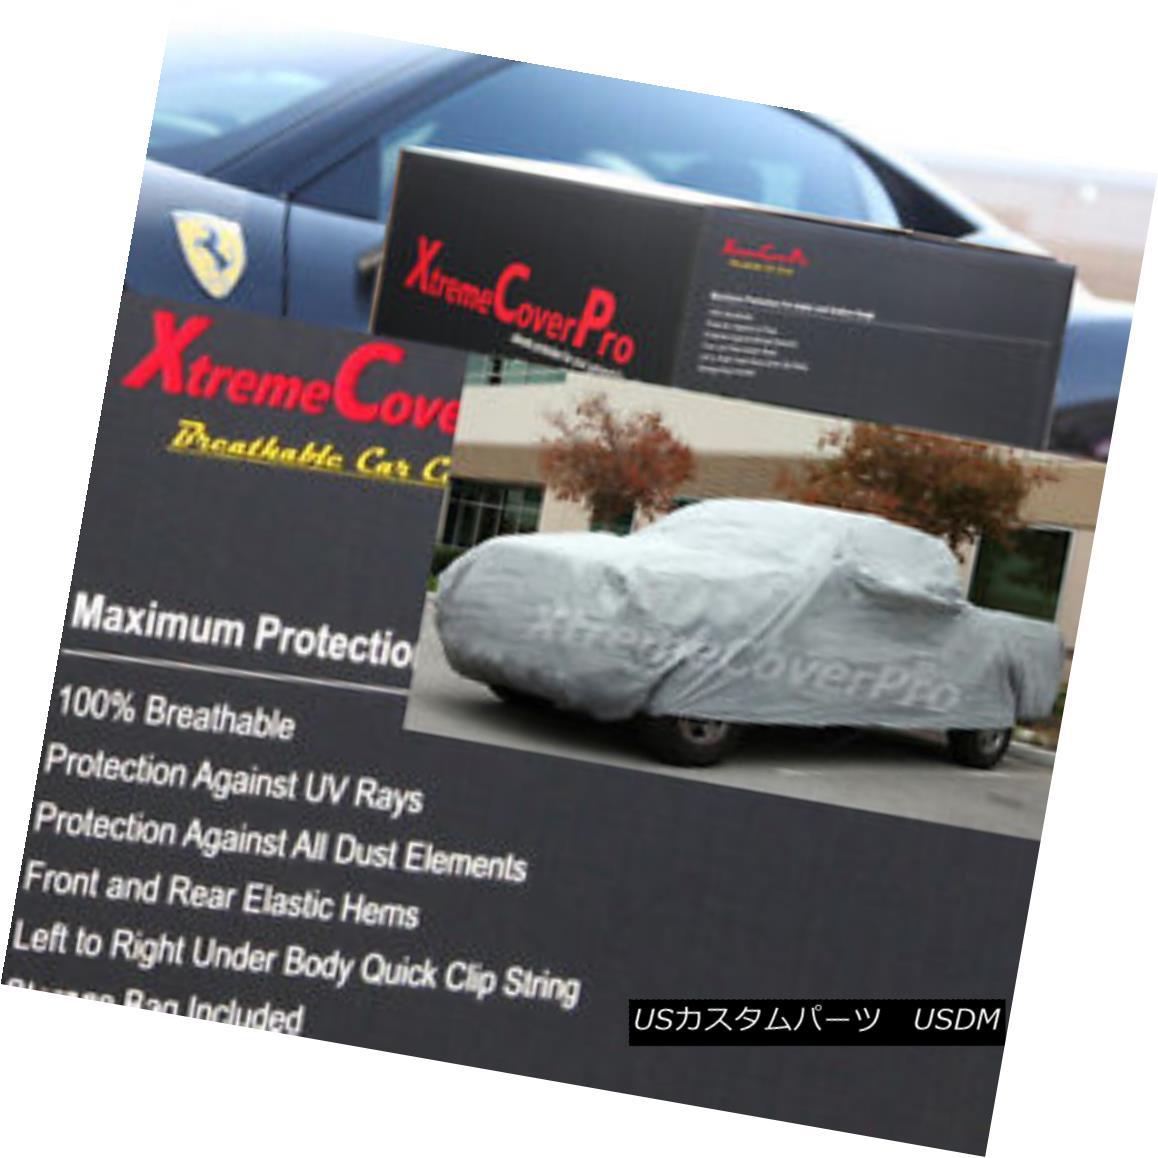 カーカバー 2006 2007 2008 Dodge Ram 1500 Quad Cab 6.5ft bed Breathable Truck Cover 2006 2007 2008ダッジラム1500クワッドキャブ6.5ftベッド通気性トラックカバー